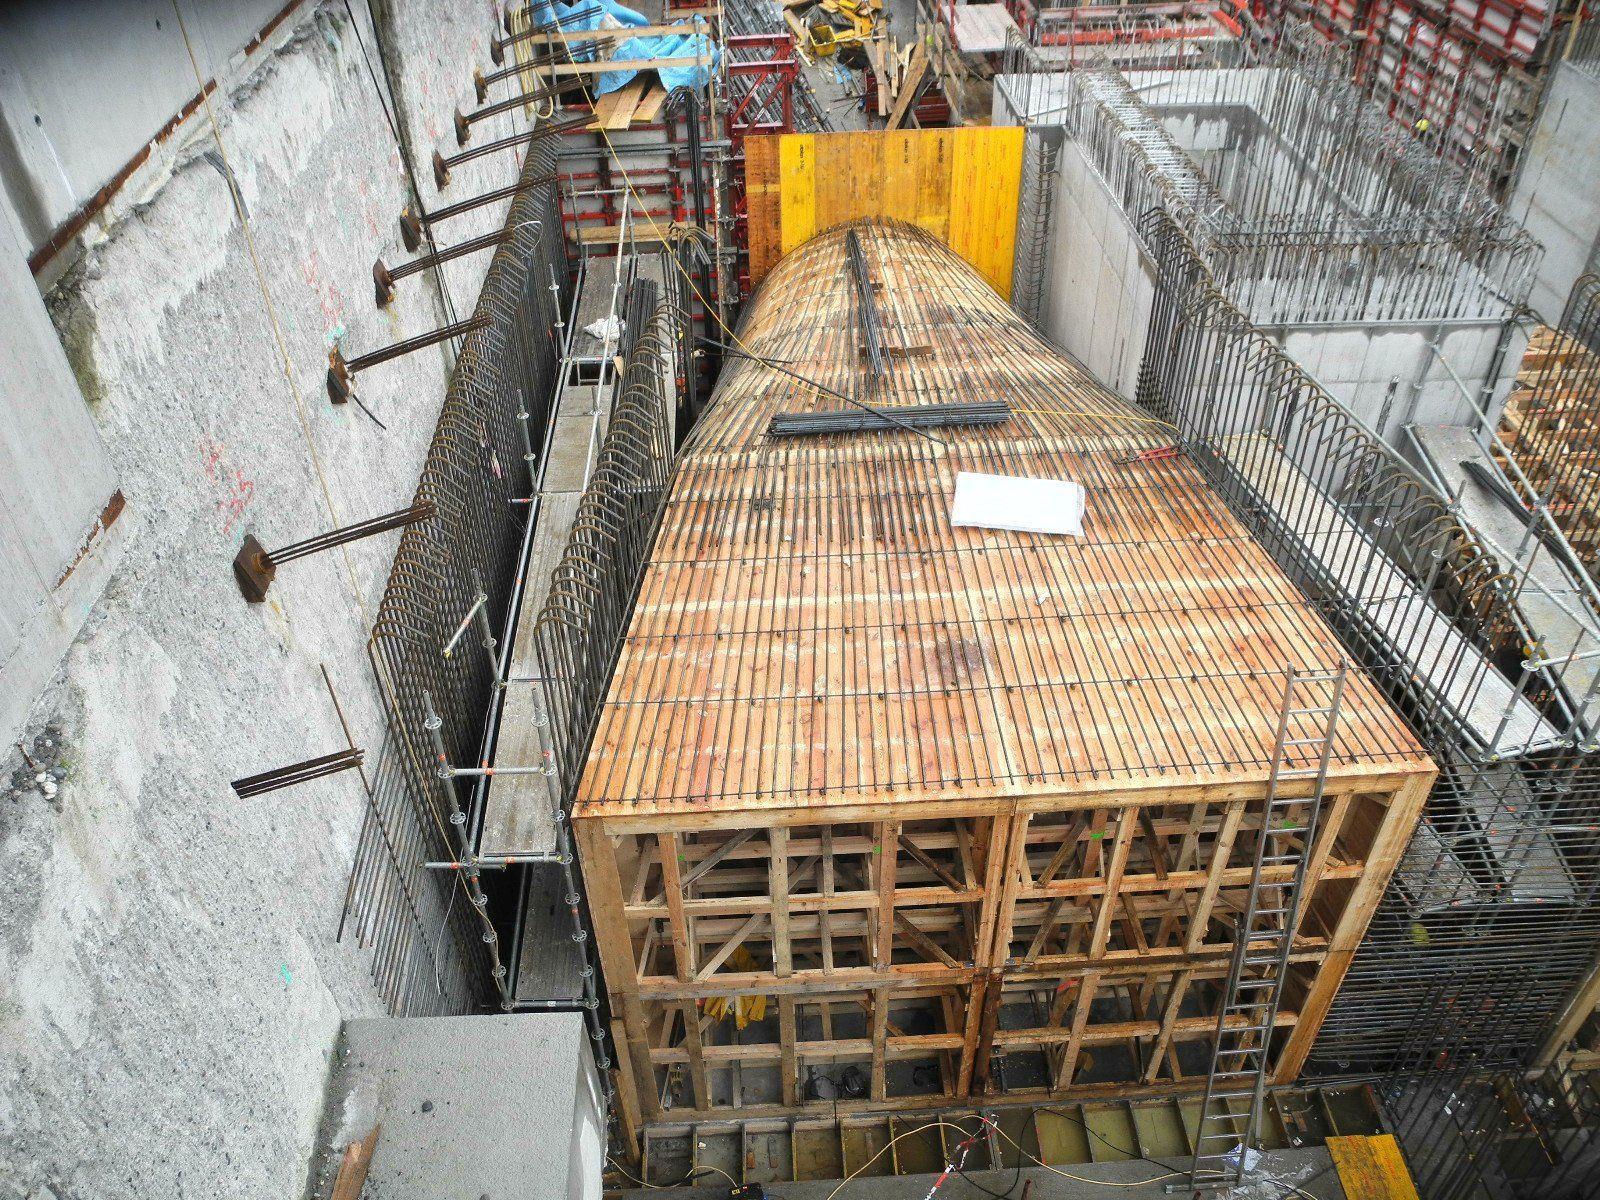 Im bis zu 18 Meter tiefen Krafthaus des Illspitz Kraftwerk werden die beiden Turbineneinlaufbauwerk und zahlreiche weitere Bauwerke erstellt